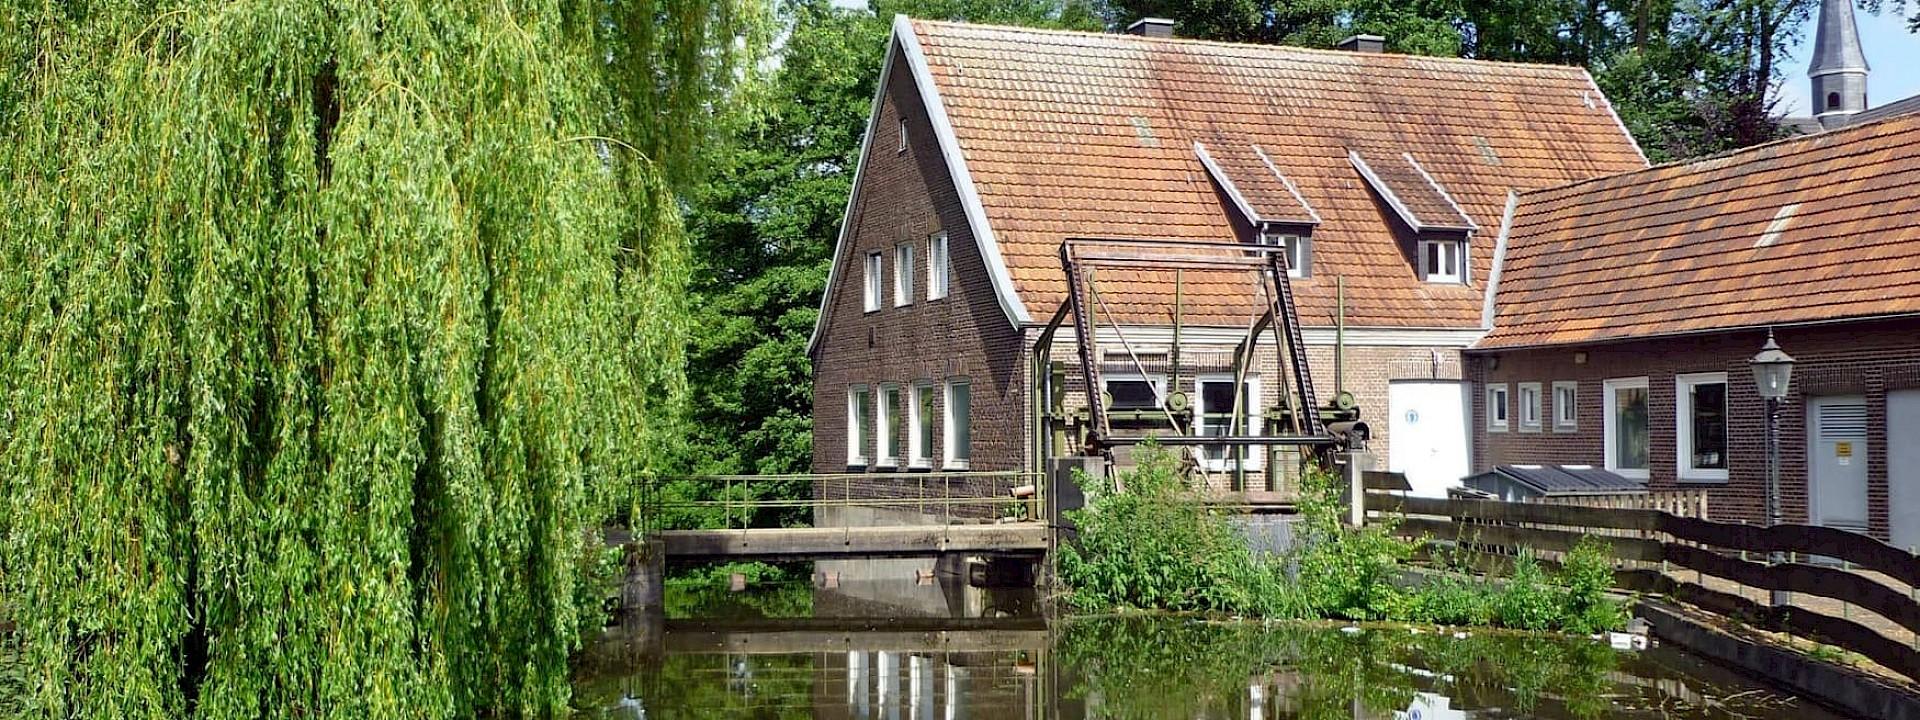 Radreise Entlang der Flüsse in den Achterhoek 4 Tage | ab 169 Euro